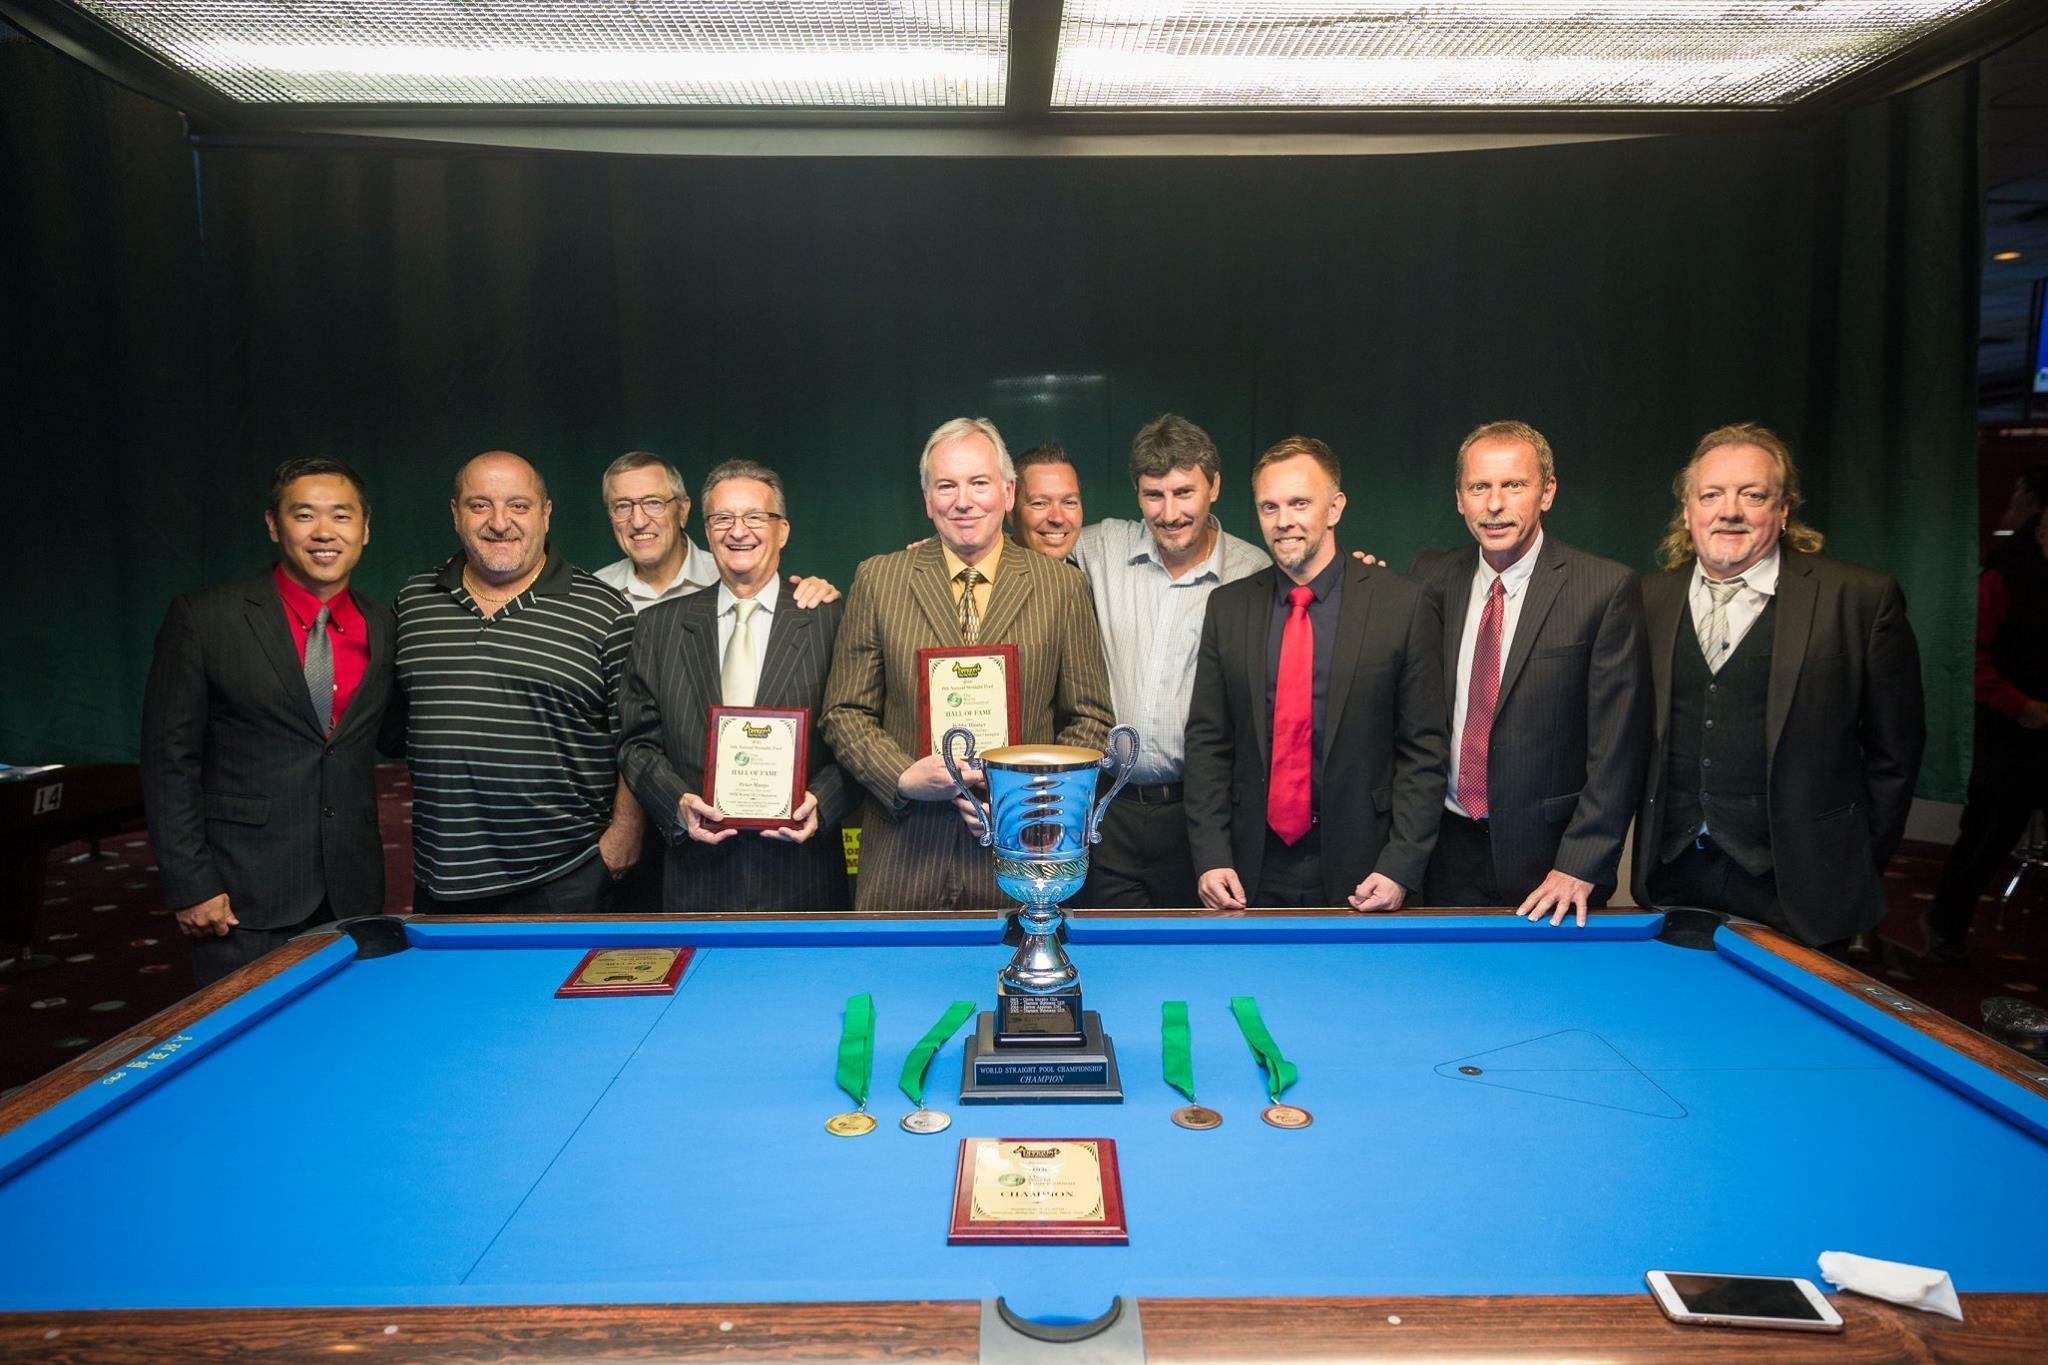 Bobby Hunter 14.1 HOF Award